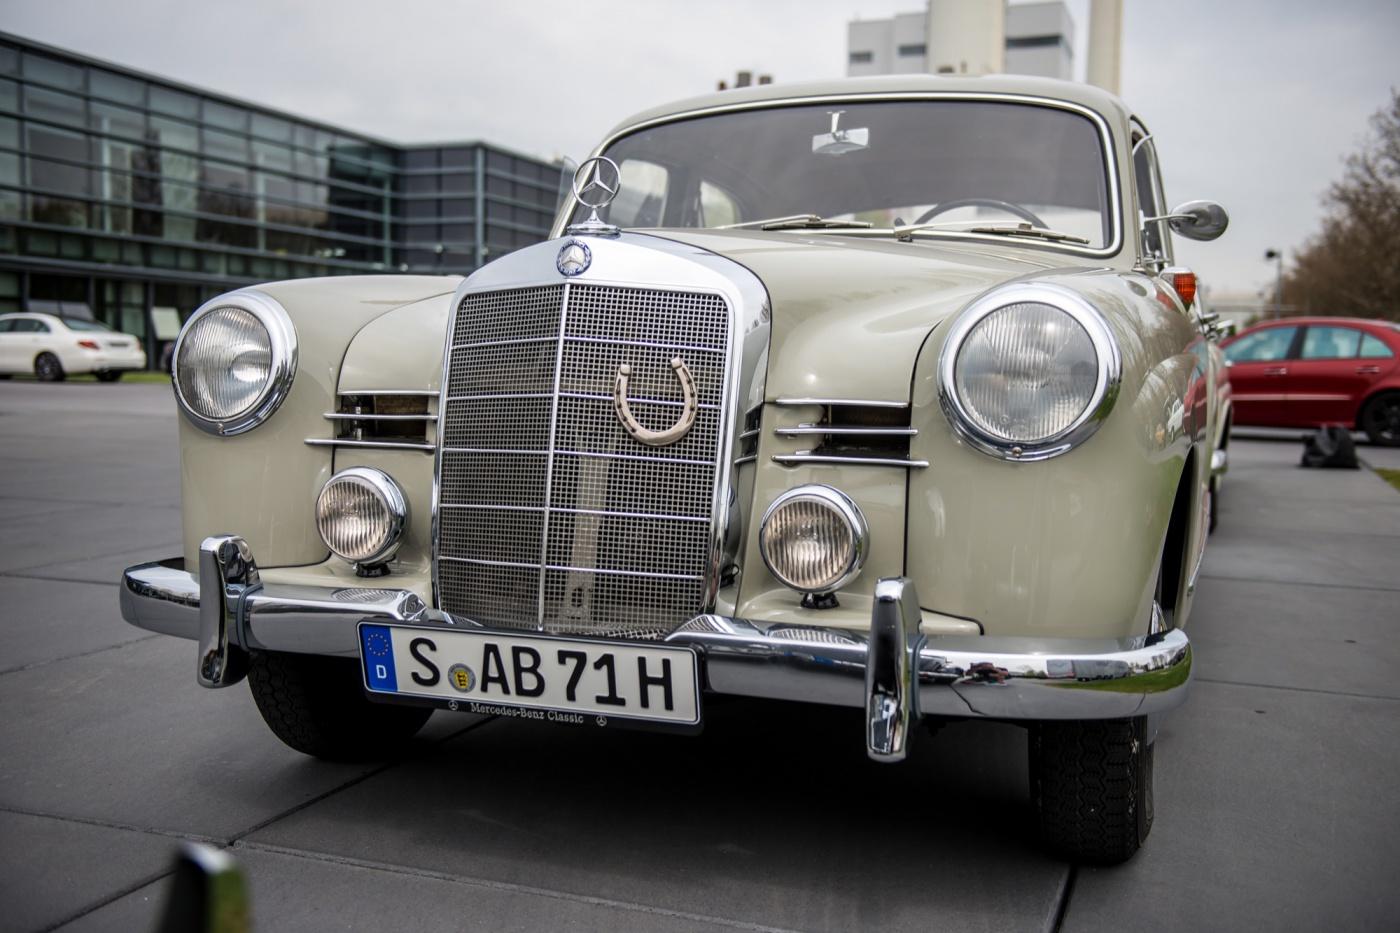 Mercedes-E-Class-Insight_2016_Gonzague-6 - W120